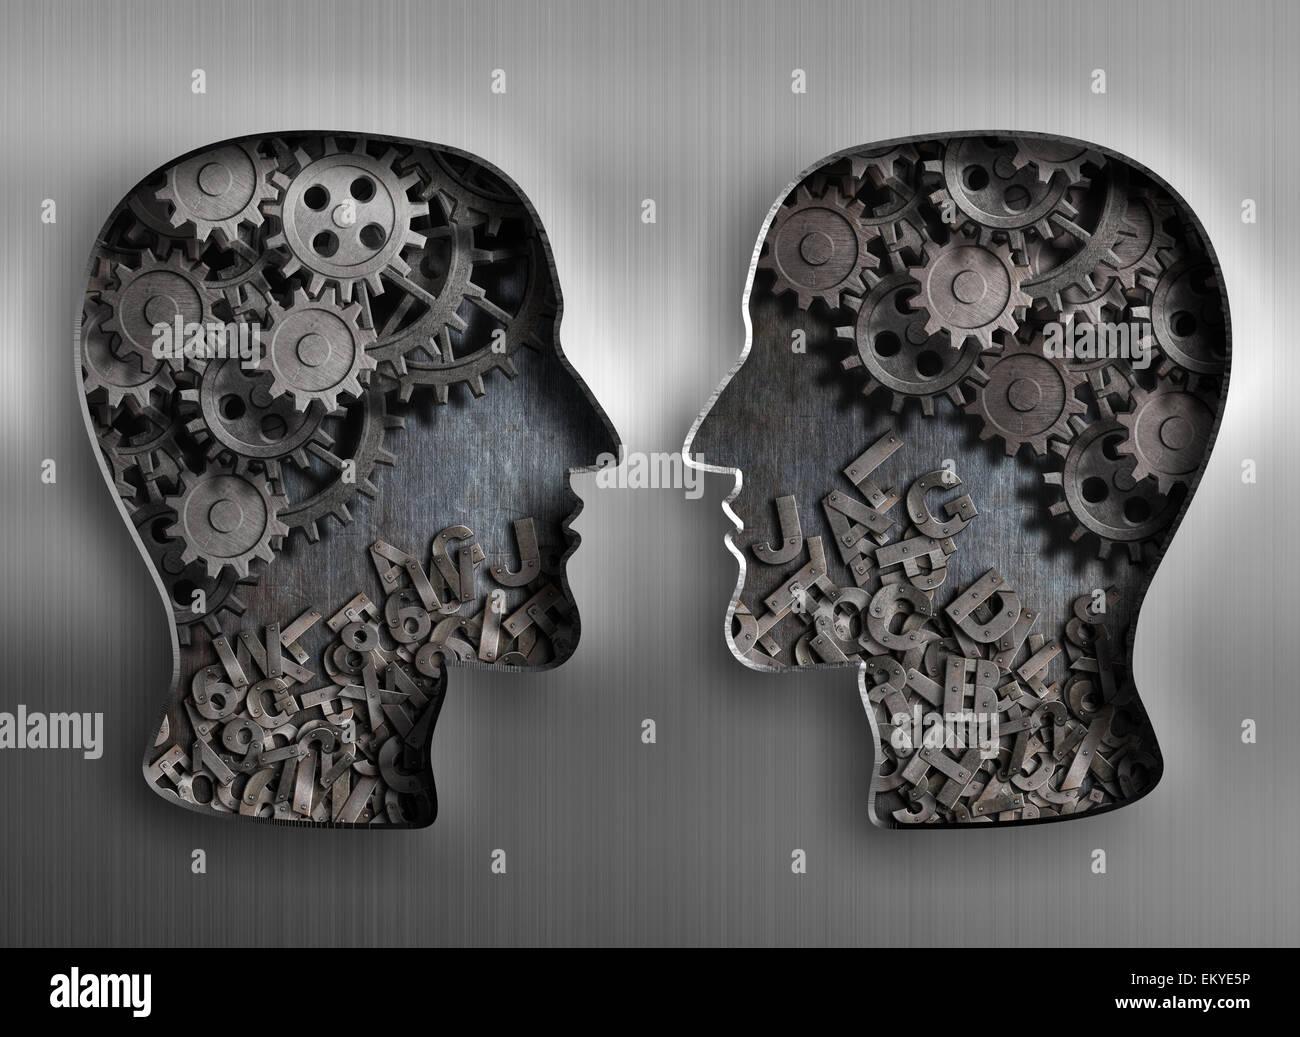 Concepto de comunicación, diálogo, intercambio de información y conocimiento Foto de stock